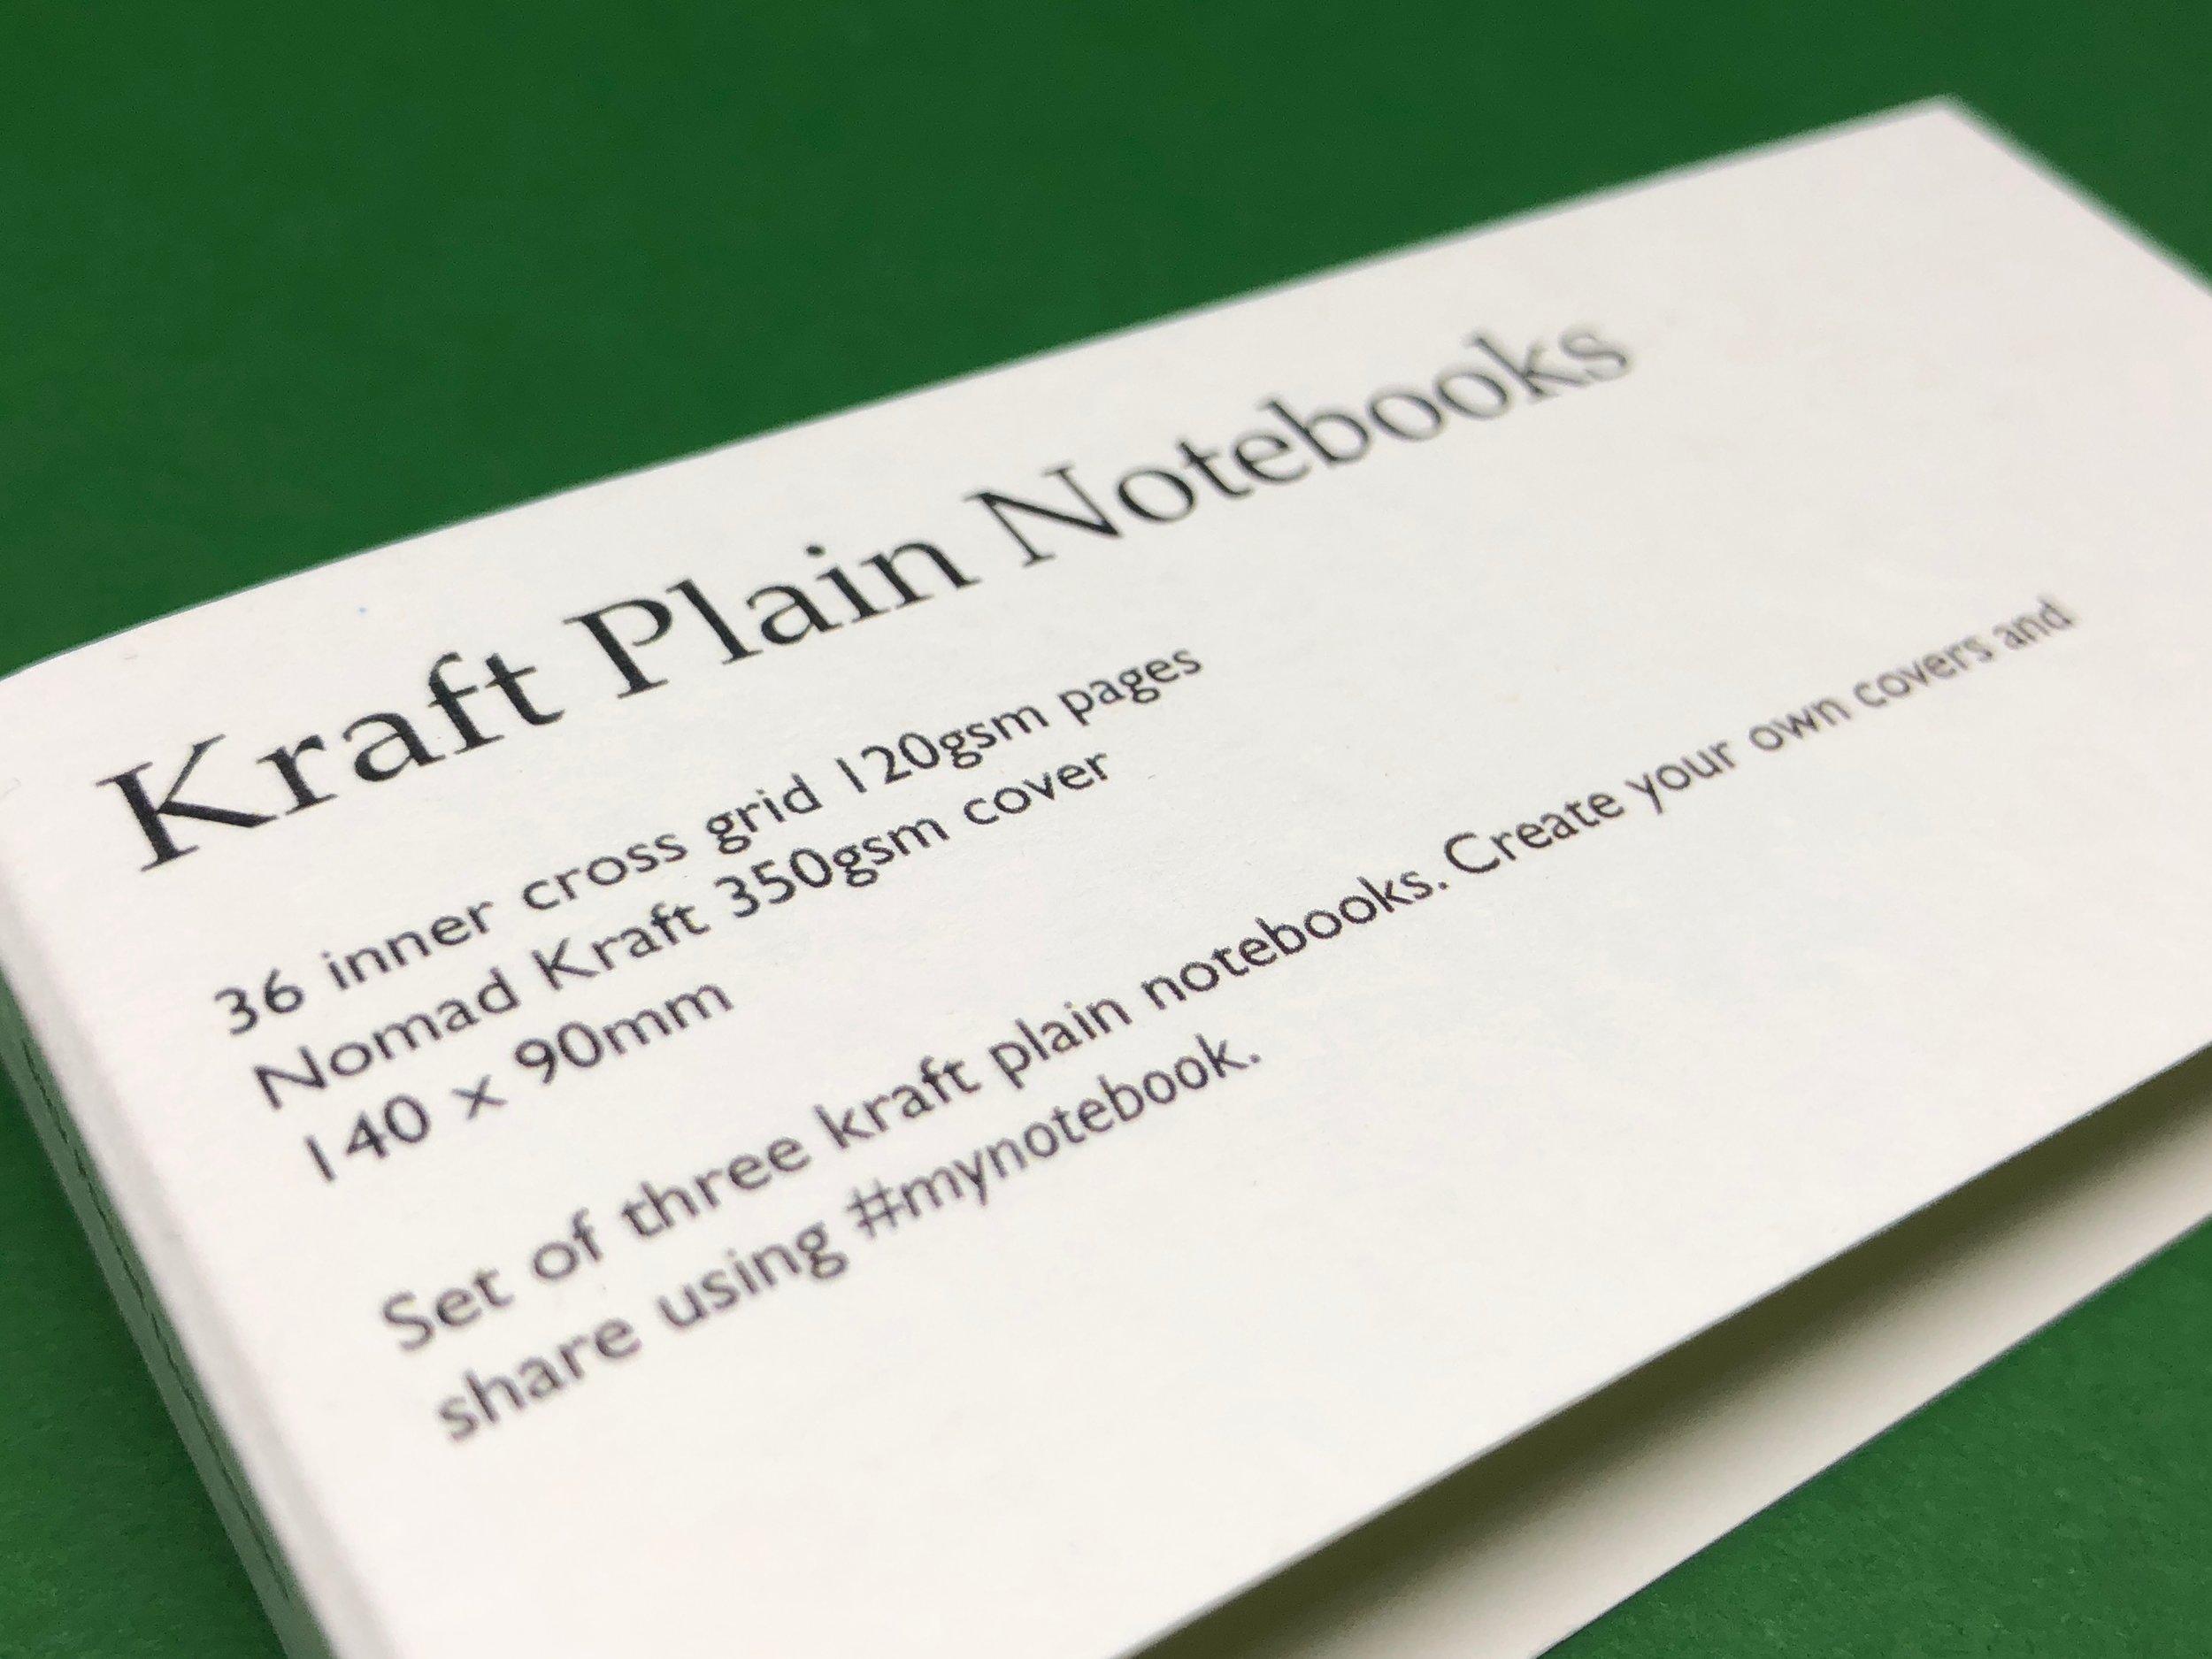 back-pocket-notebooks-11.jpg